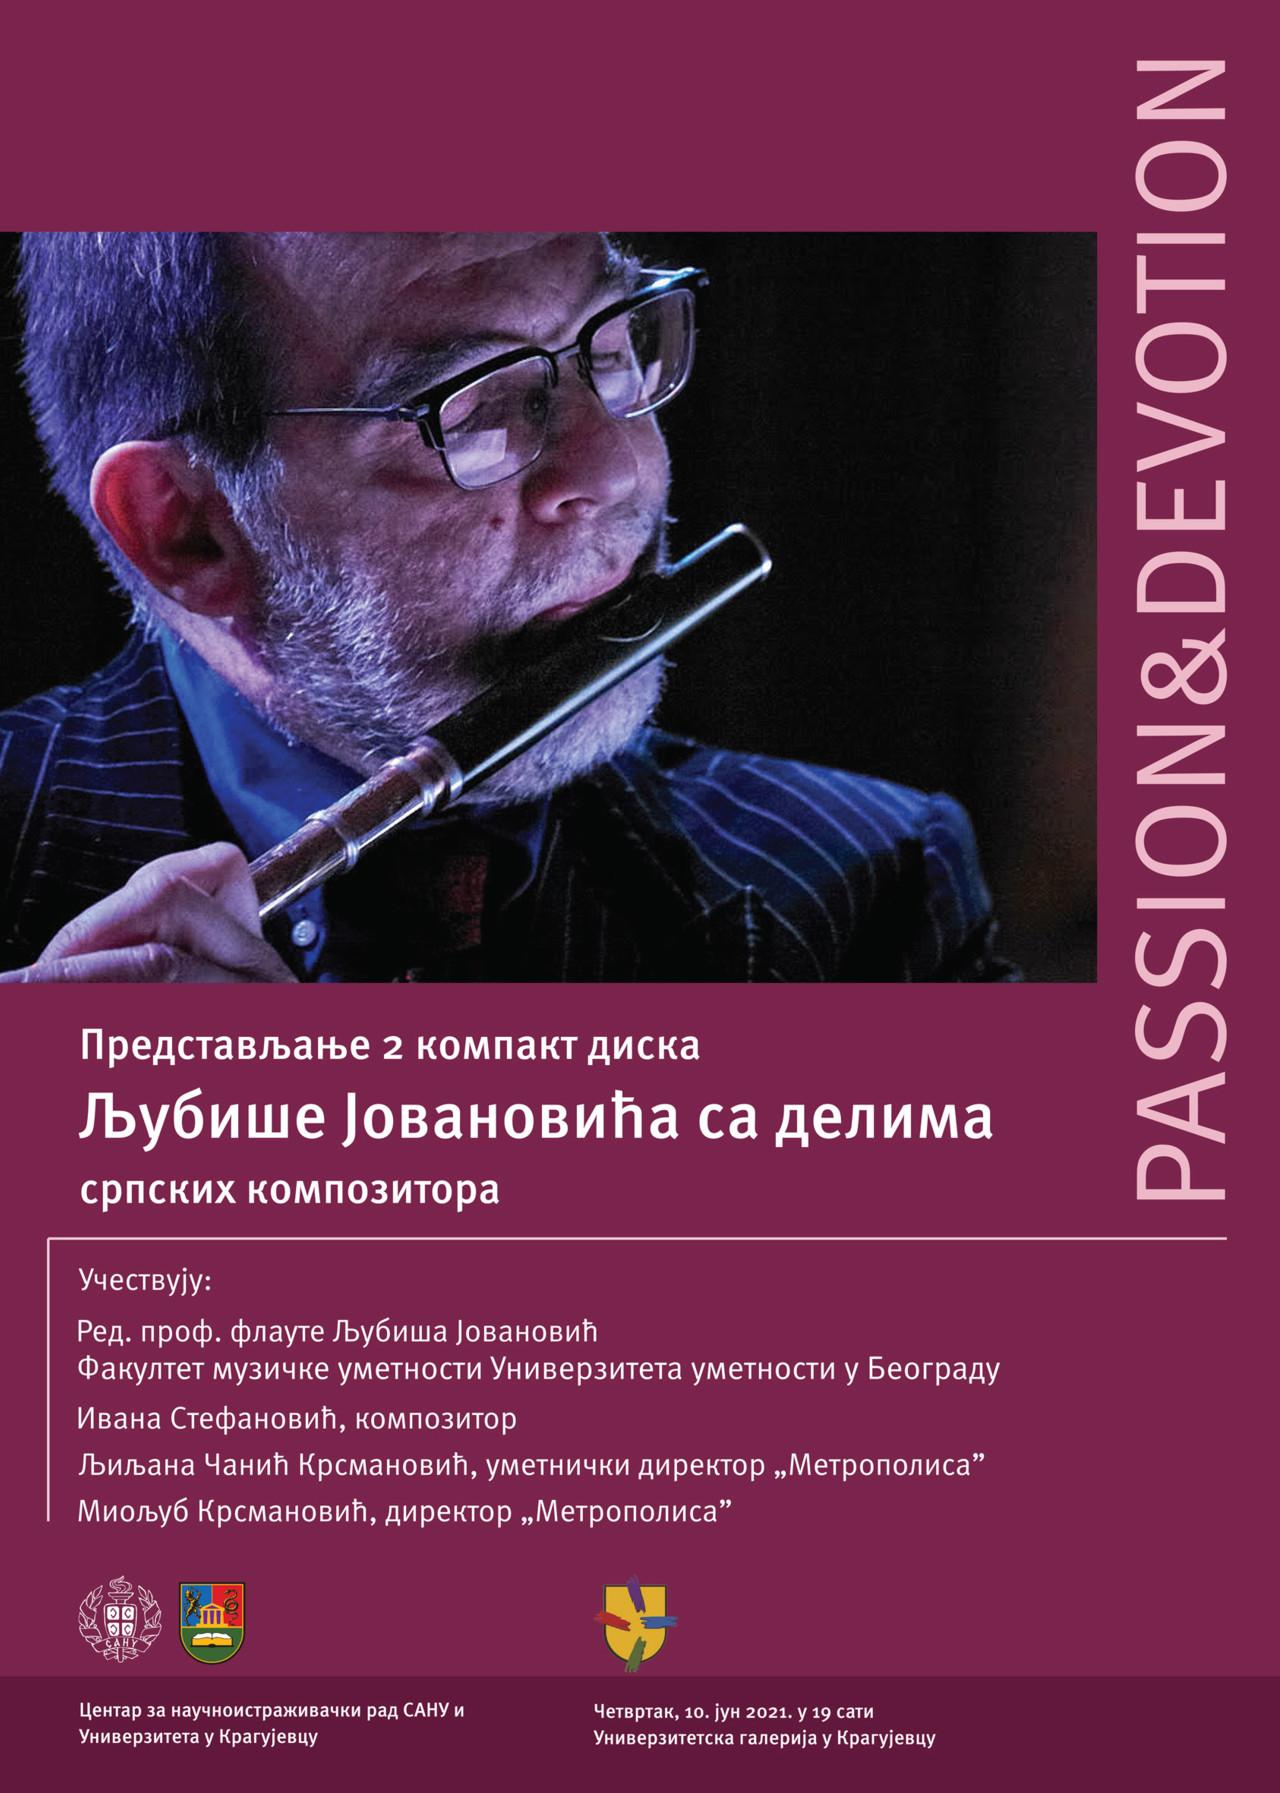 """Promocija albuma """"PASSION&DEVOTION"""", prof. Ljubiše Jovanovića"""